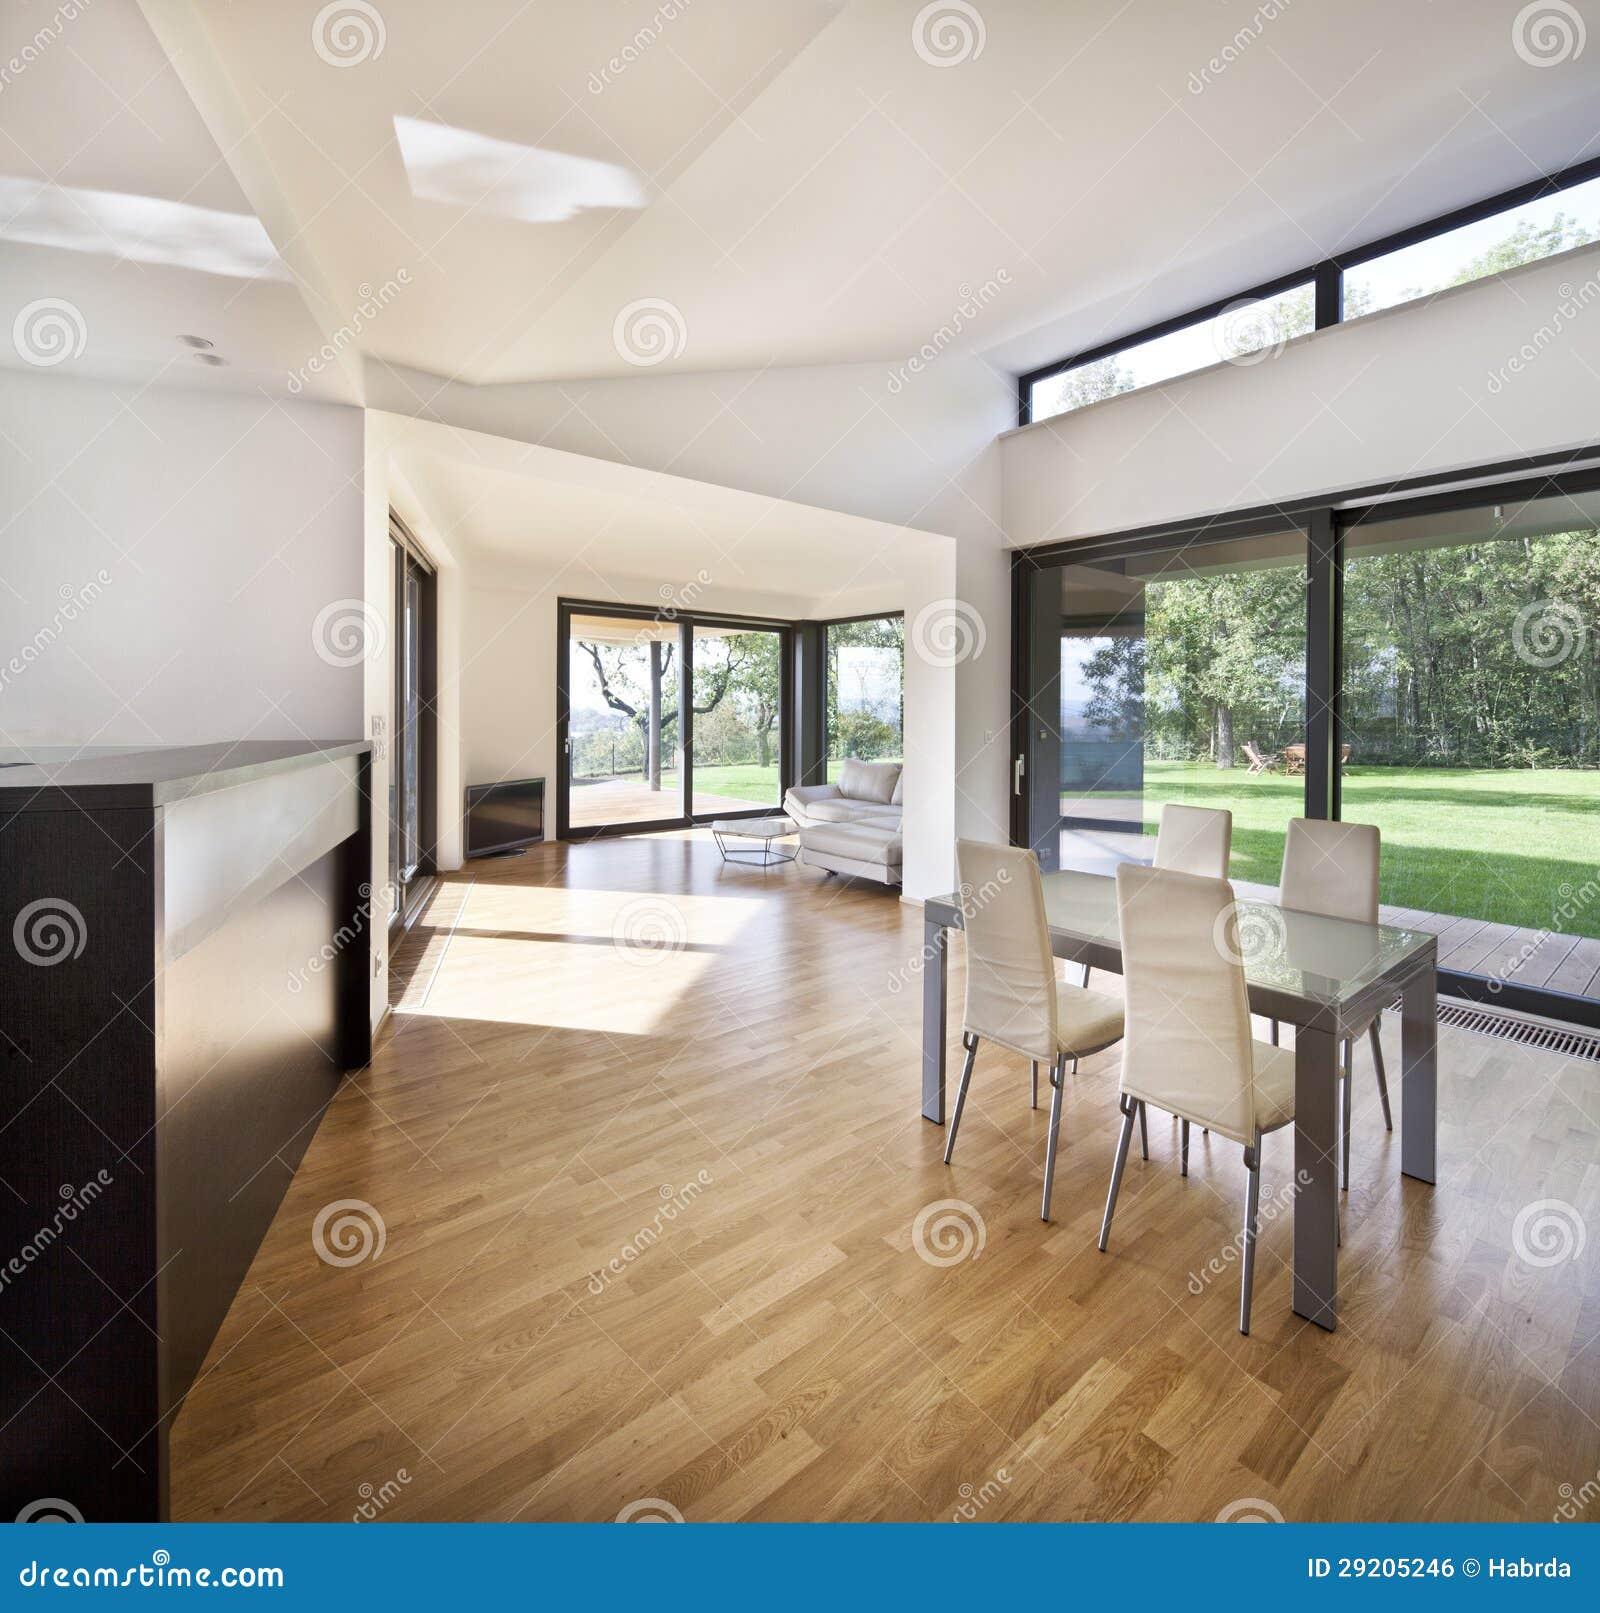 L 39 espace ouvert de cuisine l 39 int rieur neuf de la maison for Interieur de cuisine